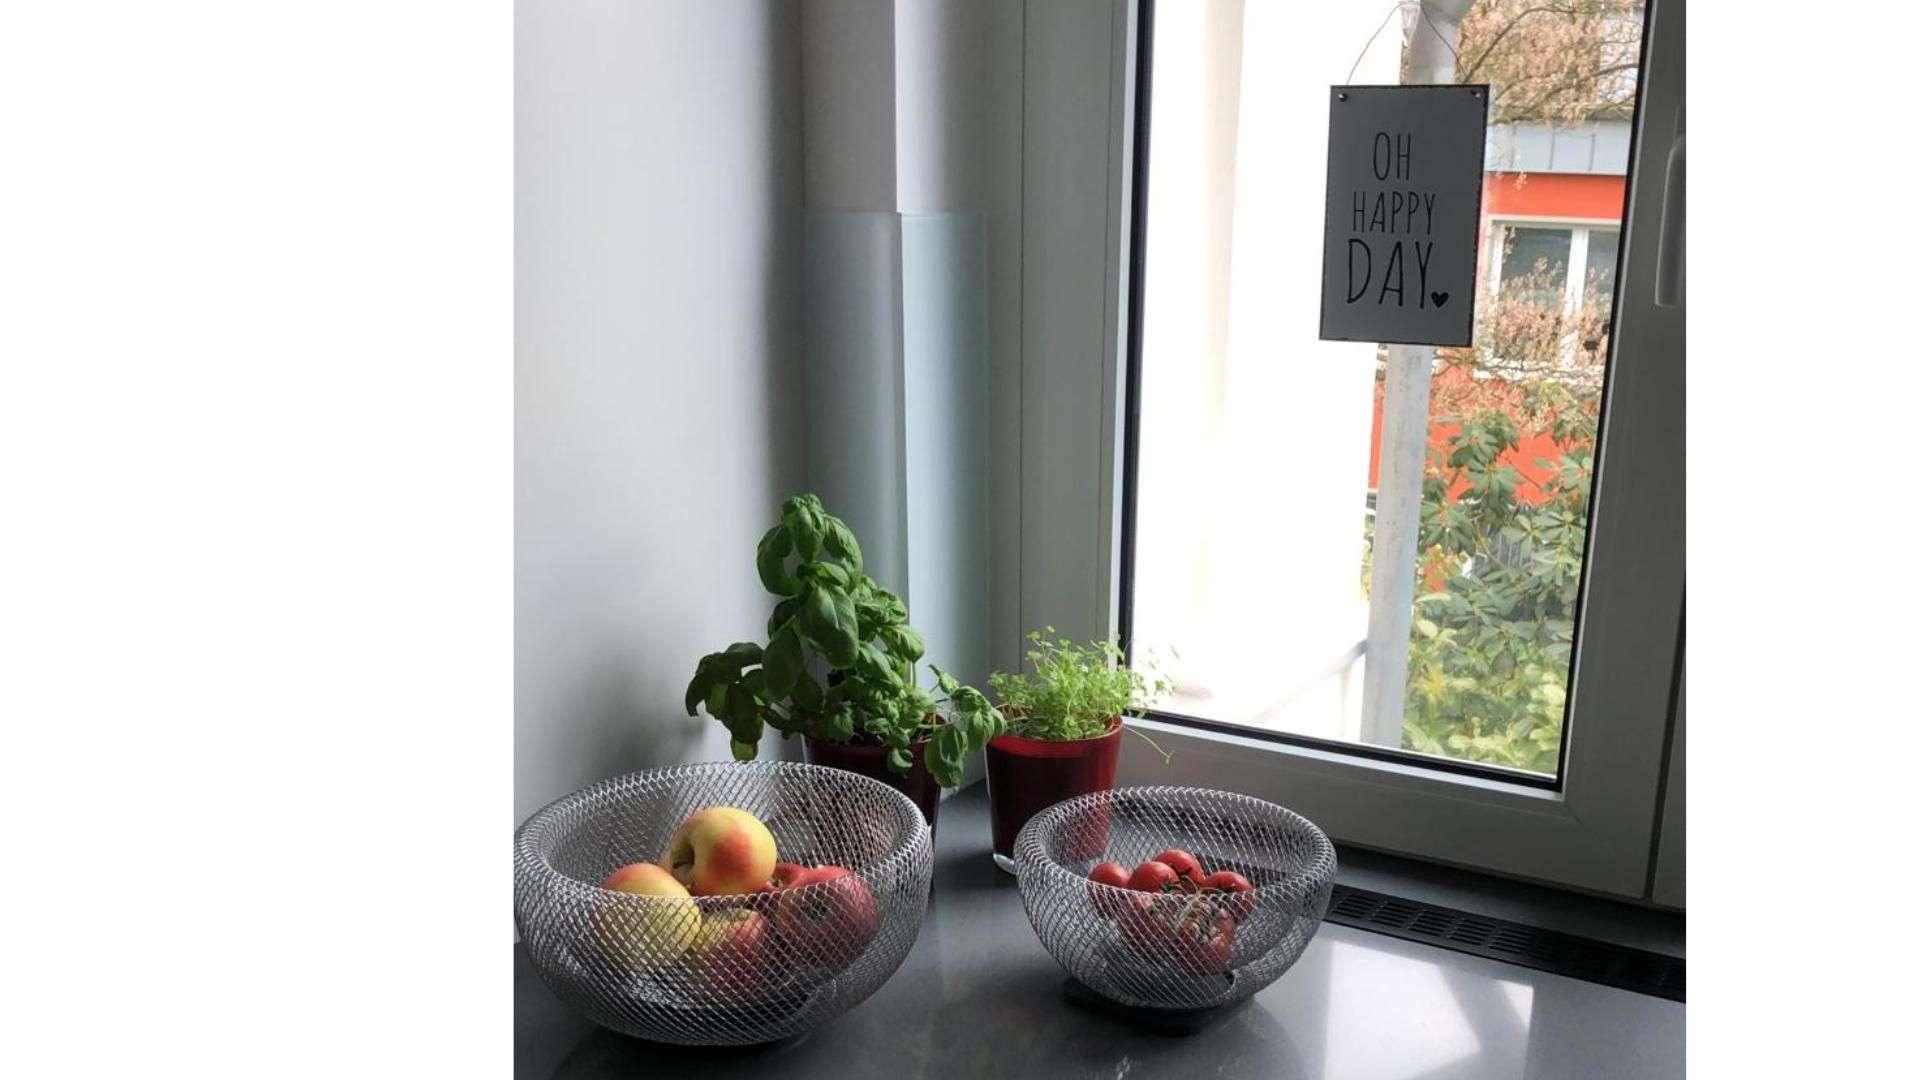 Obstschalen vor einem Fenster